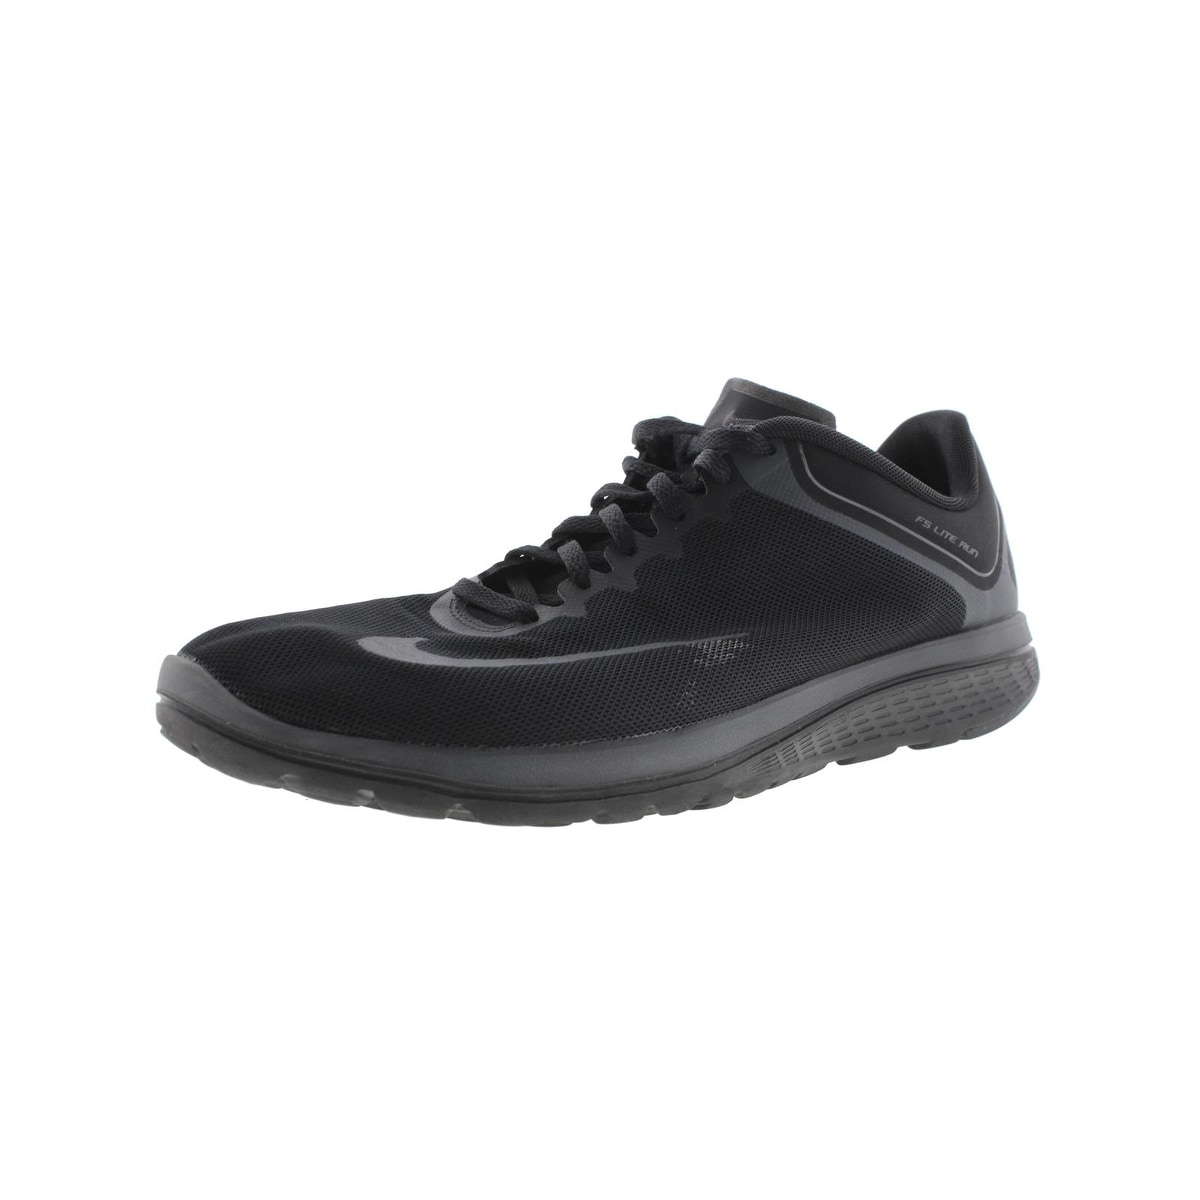 Running Nike Free Run 4.0 Running Shoes Mens